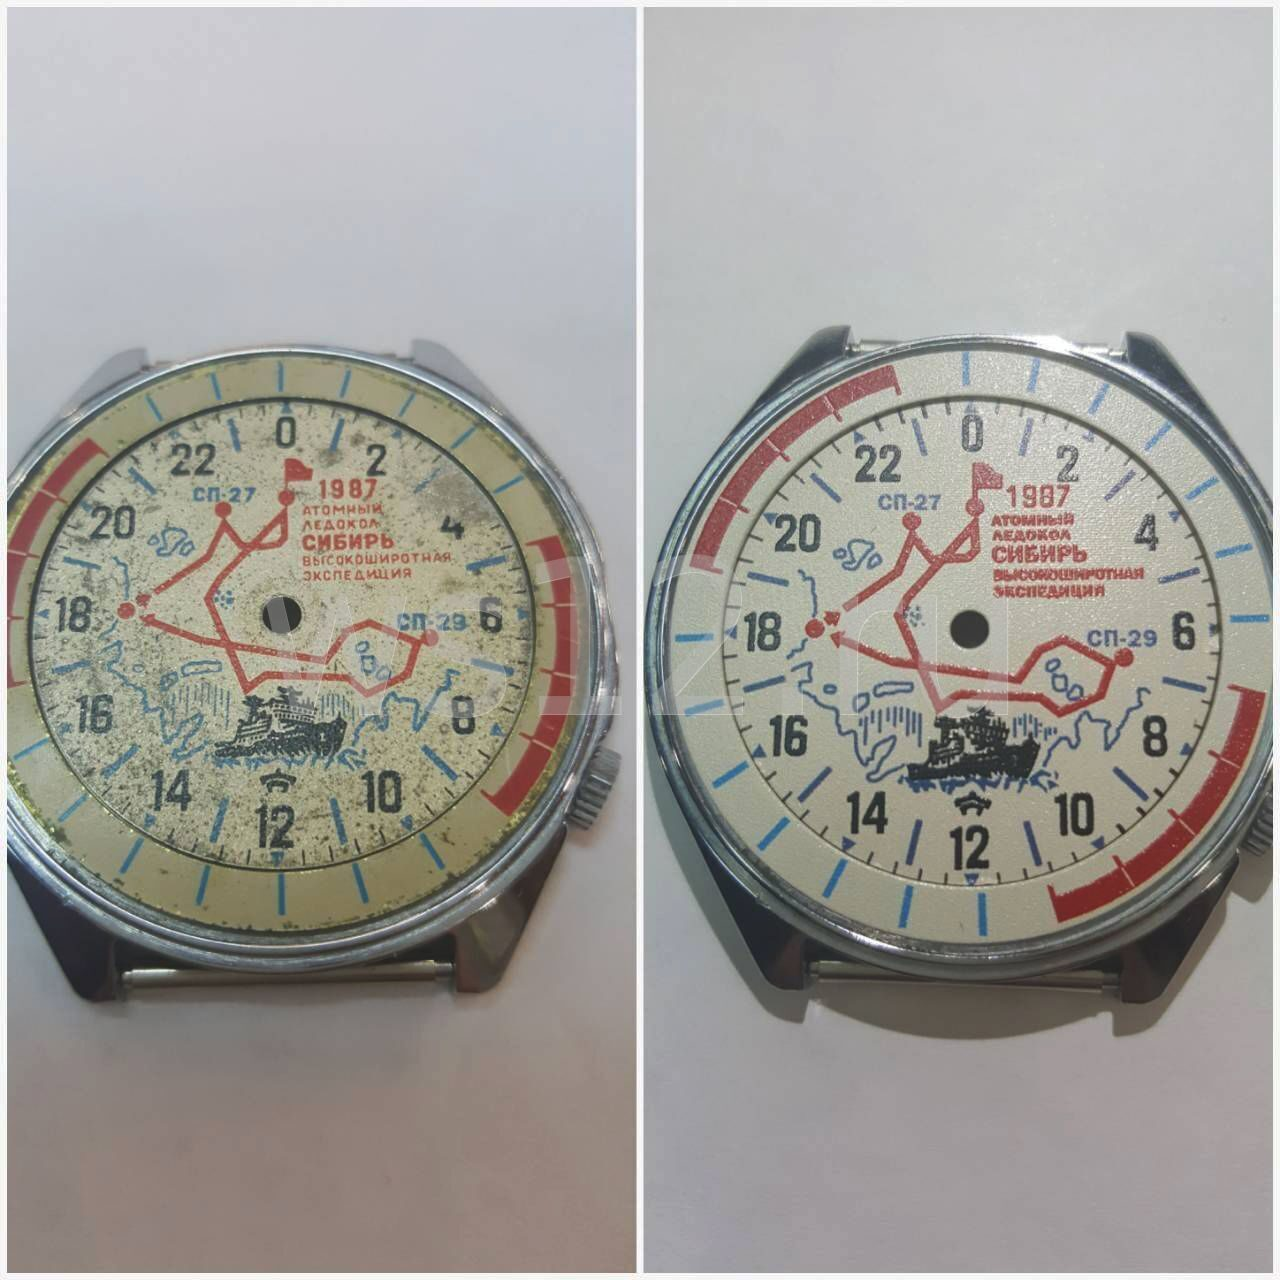 Восток репассаж стоимость часов час стоимость нормо